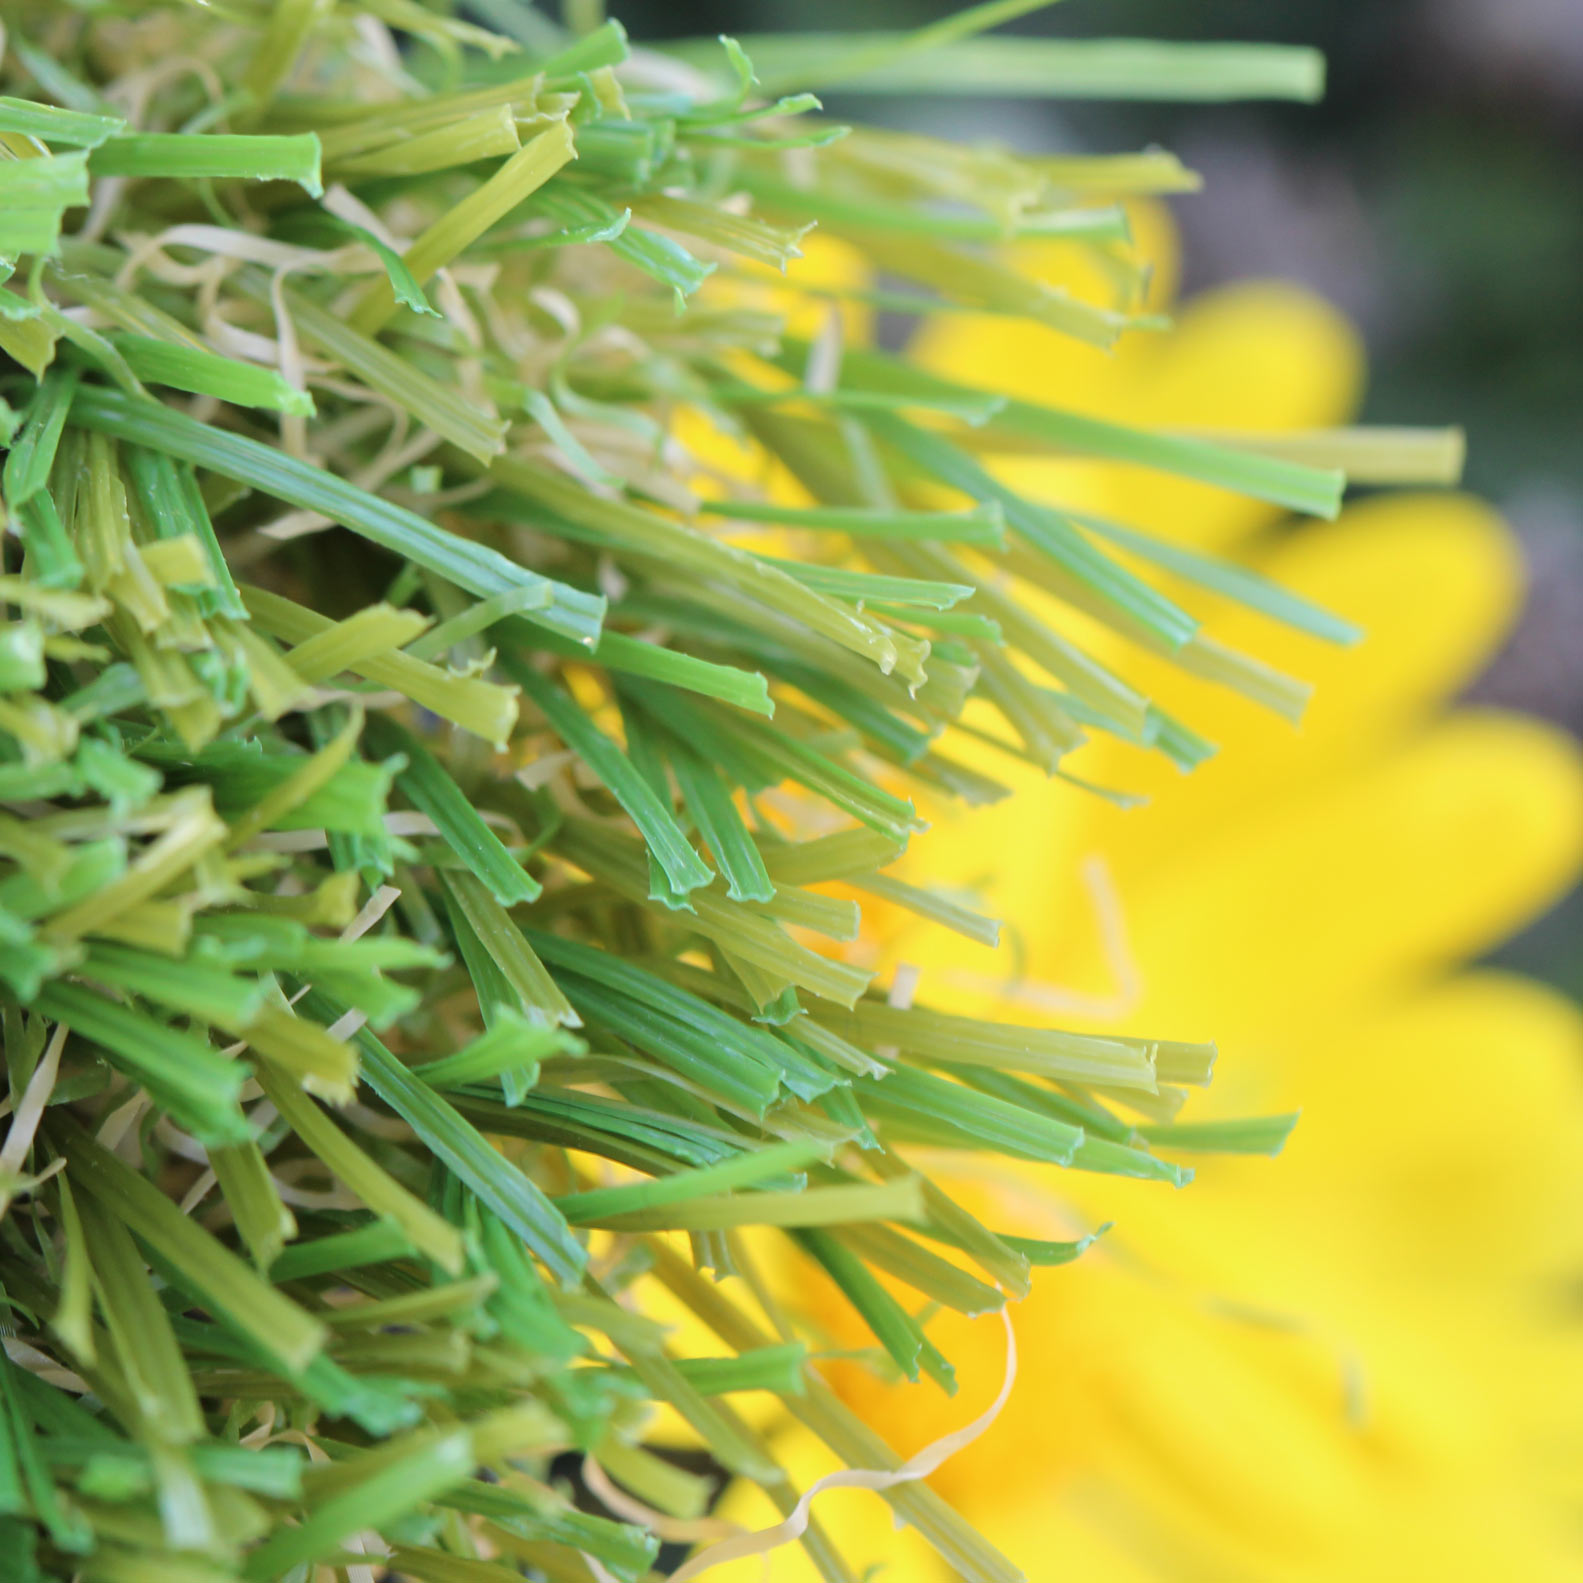 W Shape Blade 60 oz. artificial grass